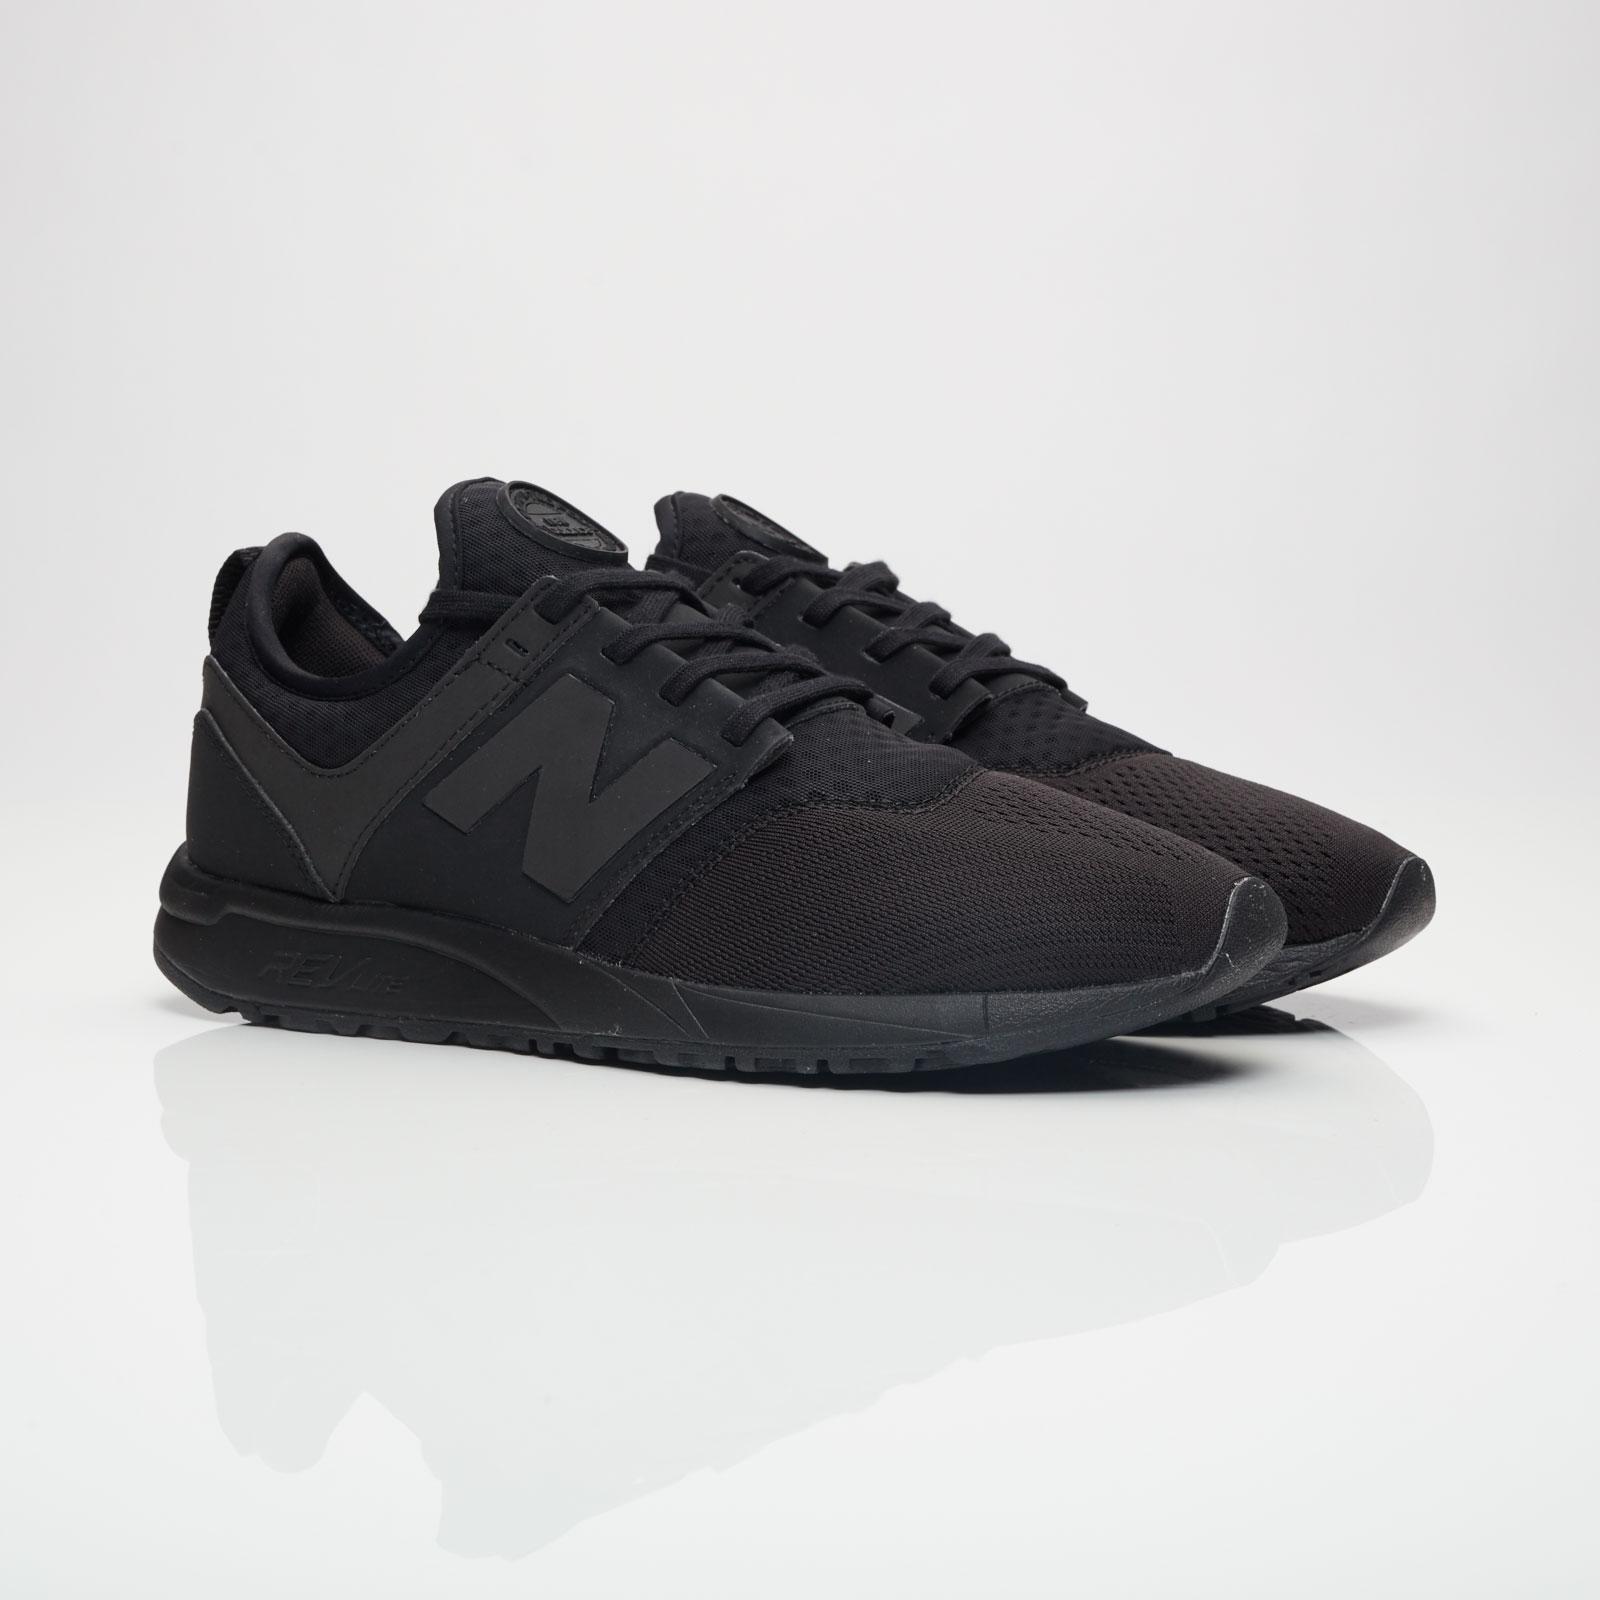 New Balance Mrl247 - Mrl247bk - SNS   sneakers & streetwear online ...